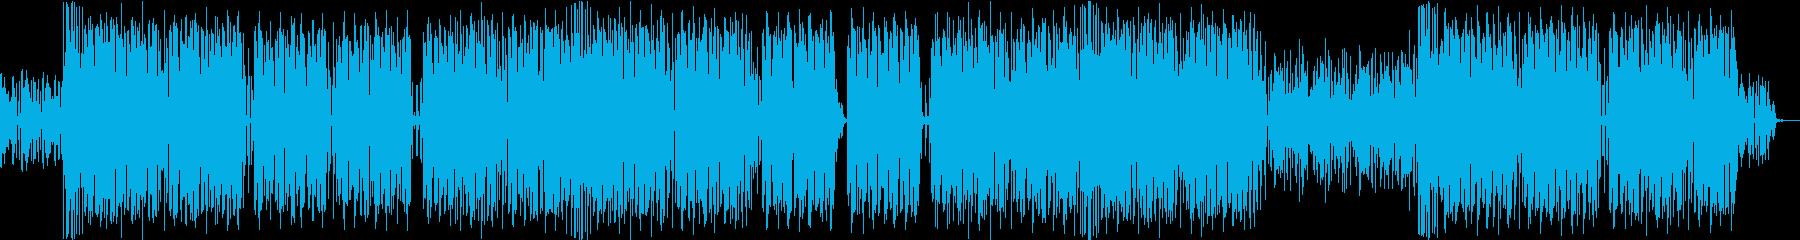 エスニックダンスビート♪の再生済みの波形